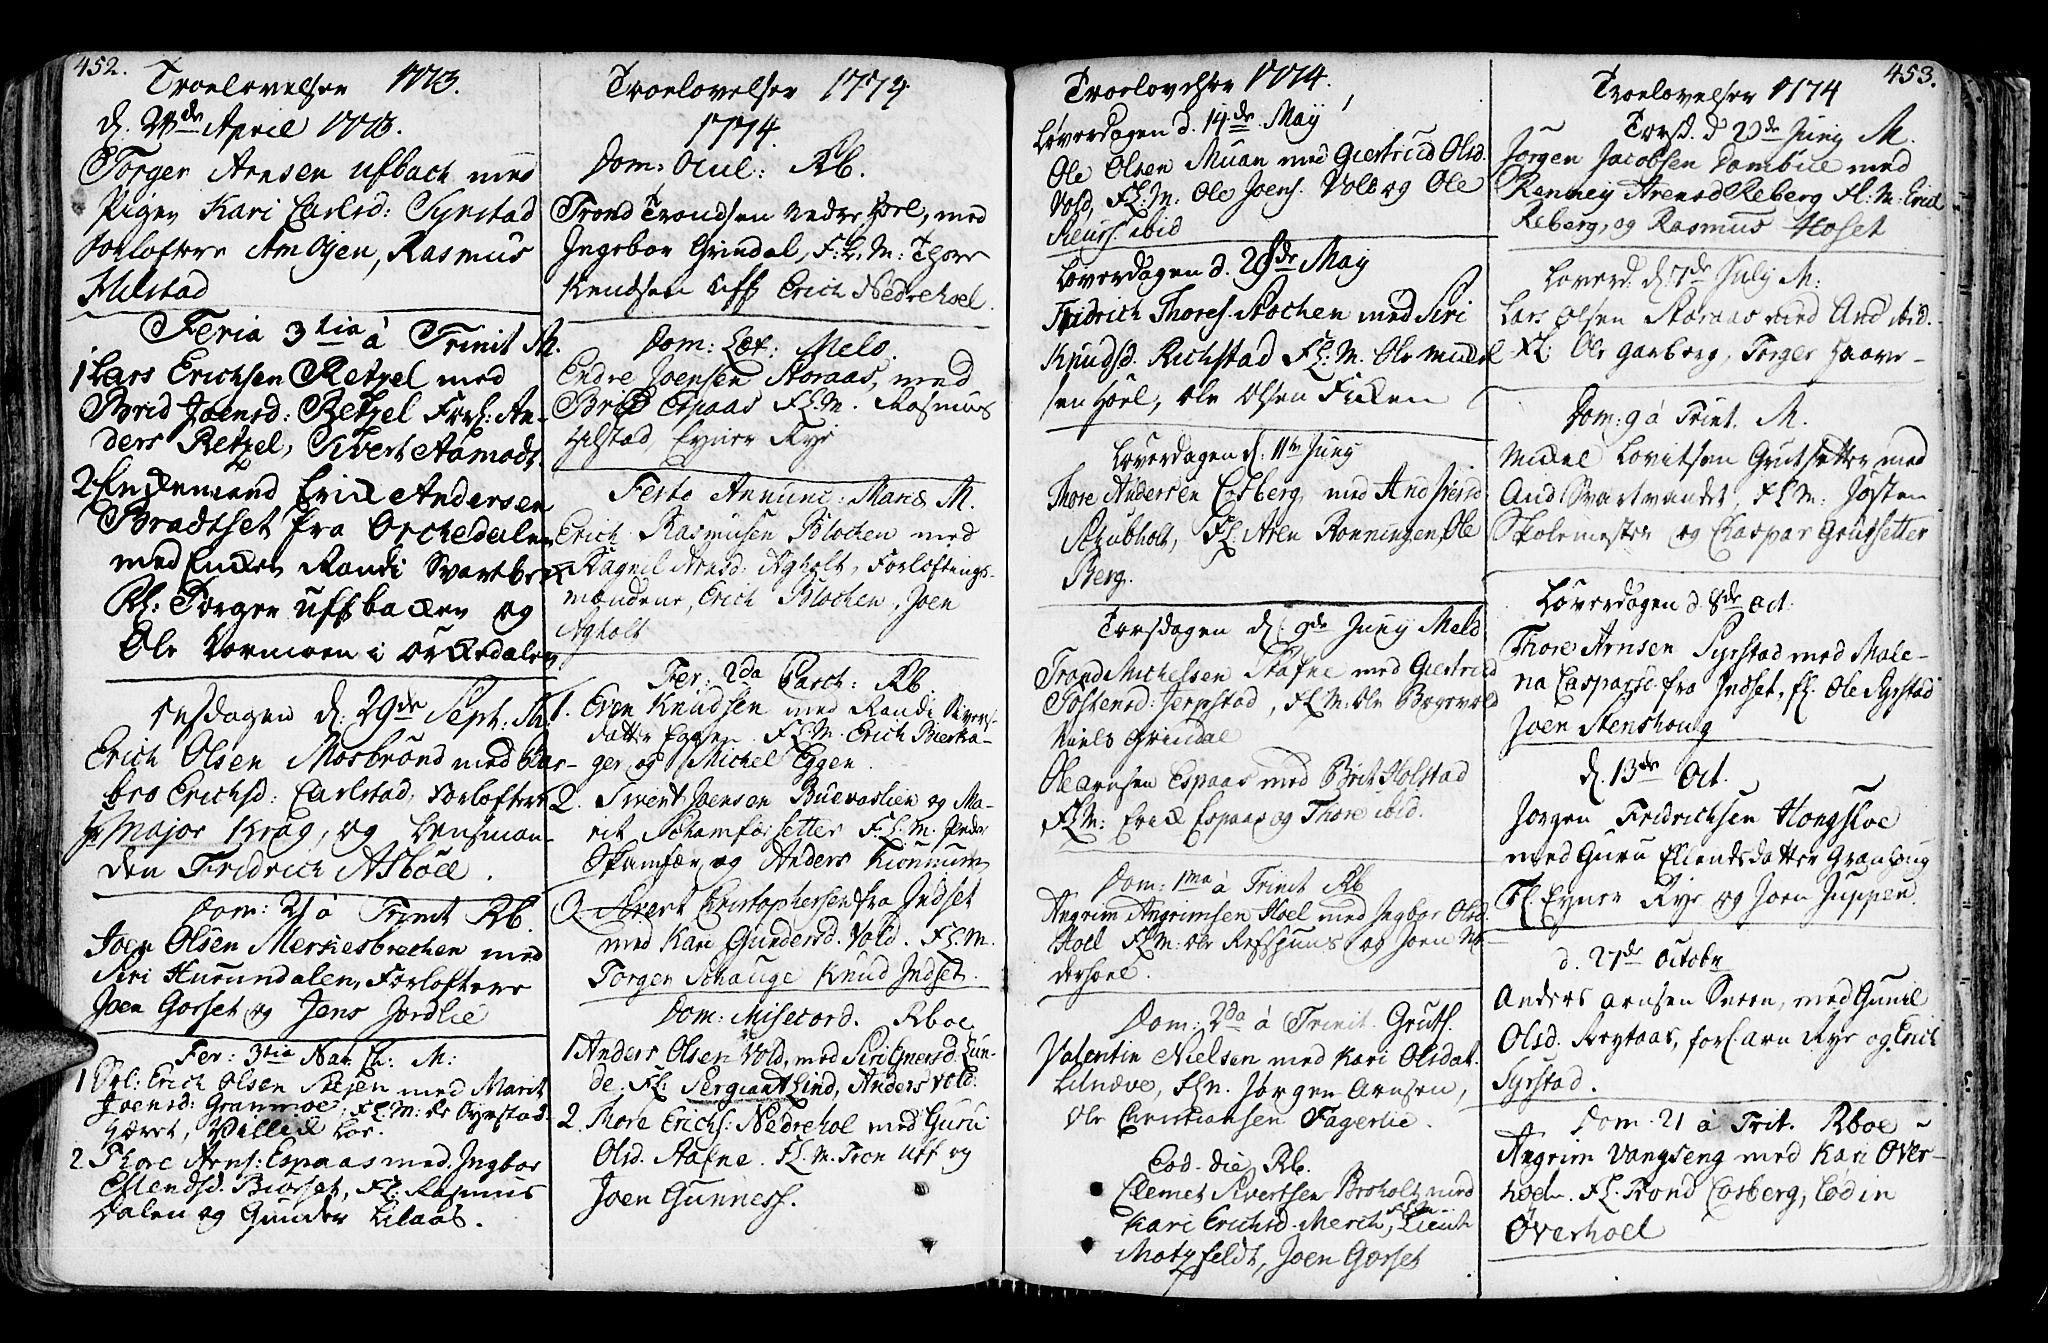 SAT, Ministerialprotokoller, klokkerbøker og fødselsregistre - Sør-Trøndelag, 672/L0851: Ministerialbok nr. 672A04, 1751-1775, s. 452-453